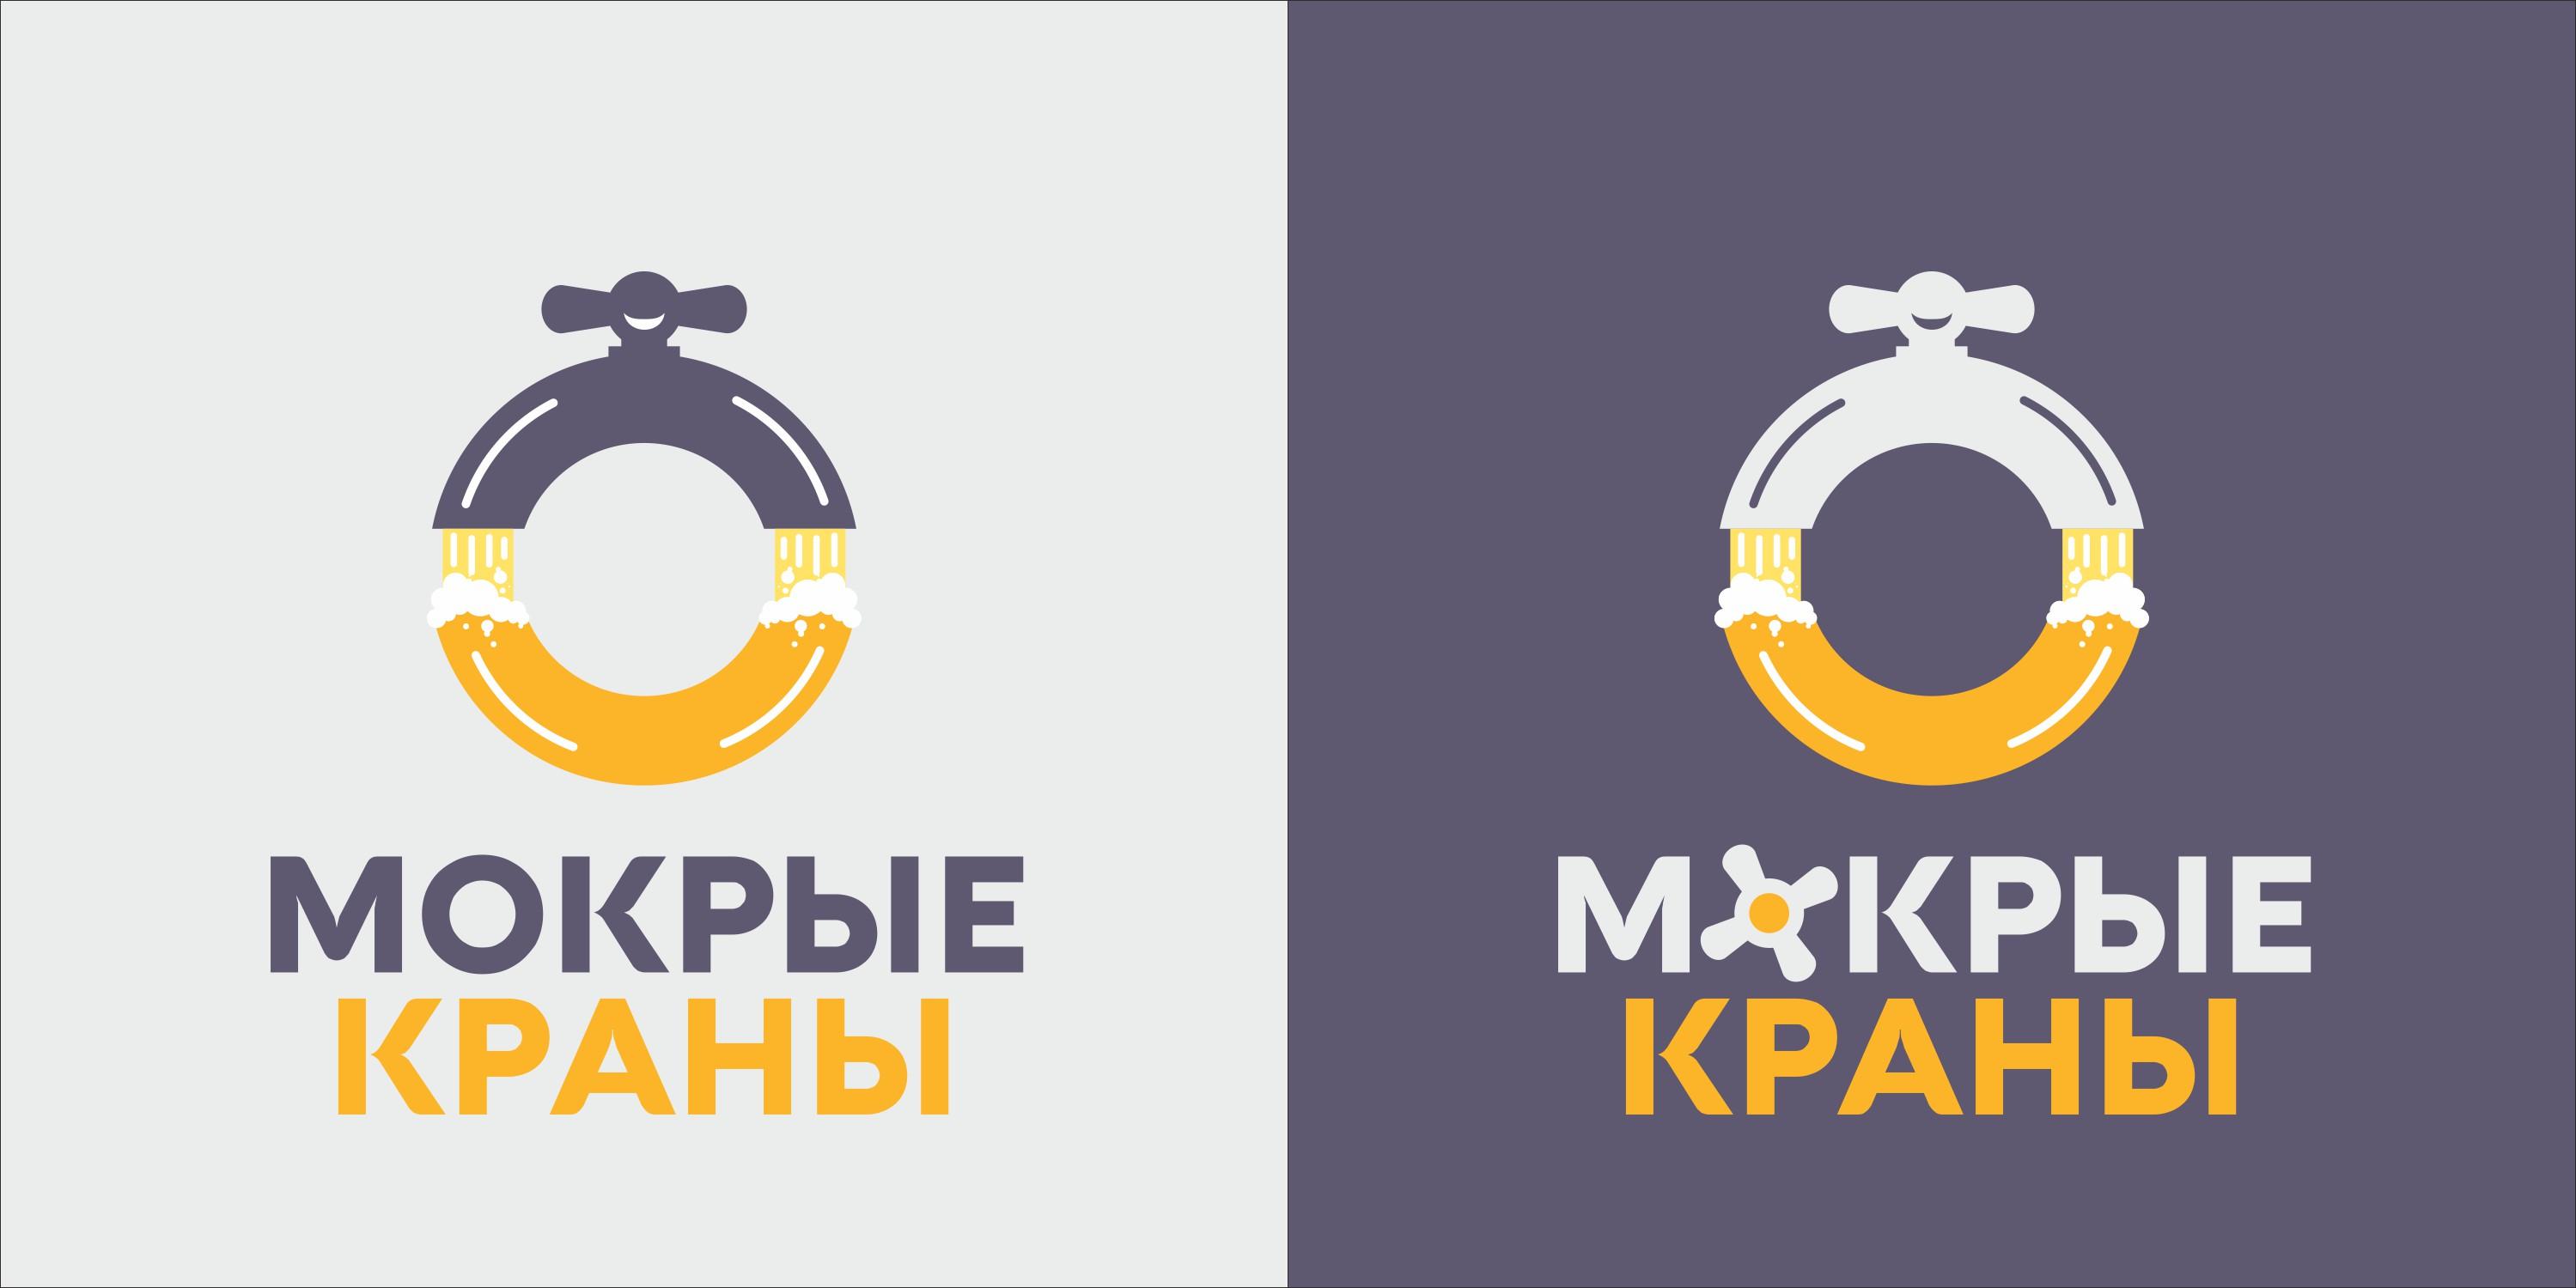 Вывеска/логотип для пивного магазина фото f_2126022492a76d6f.jpg